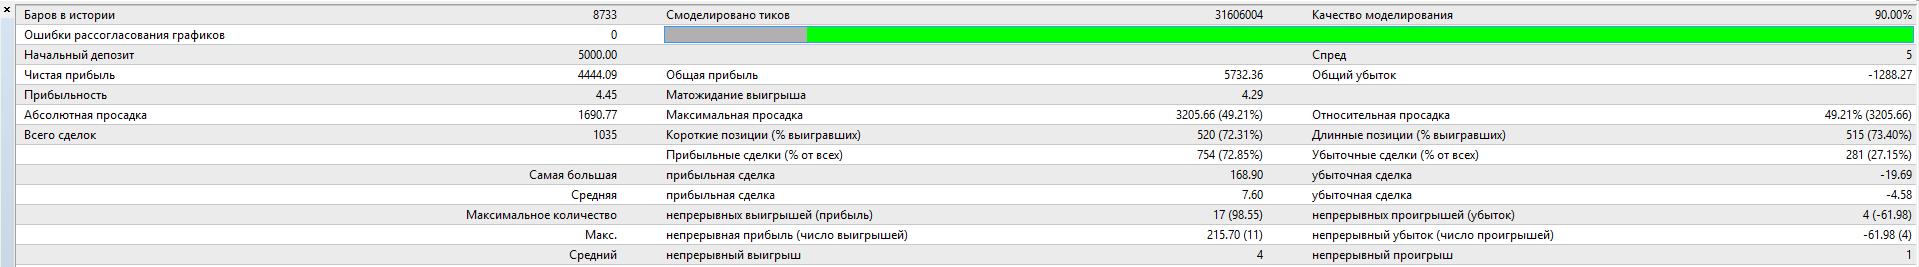 Результаты тестирования советника 2sides_v5.0b6